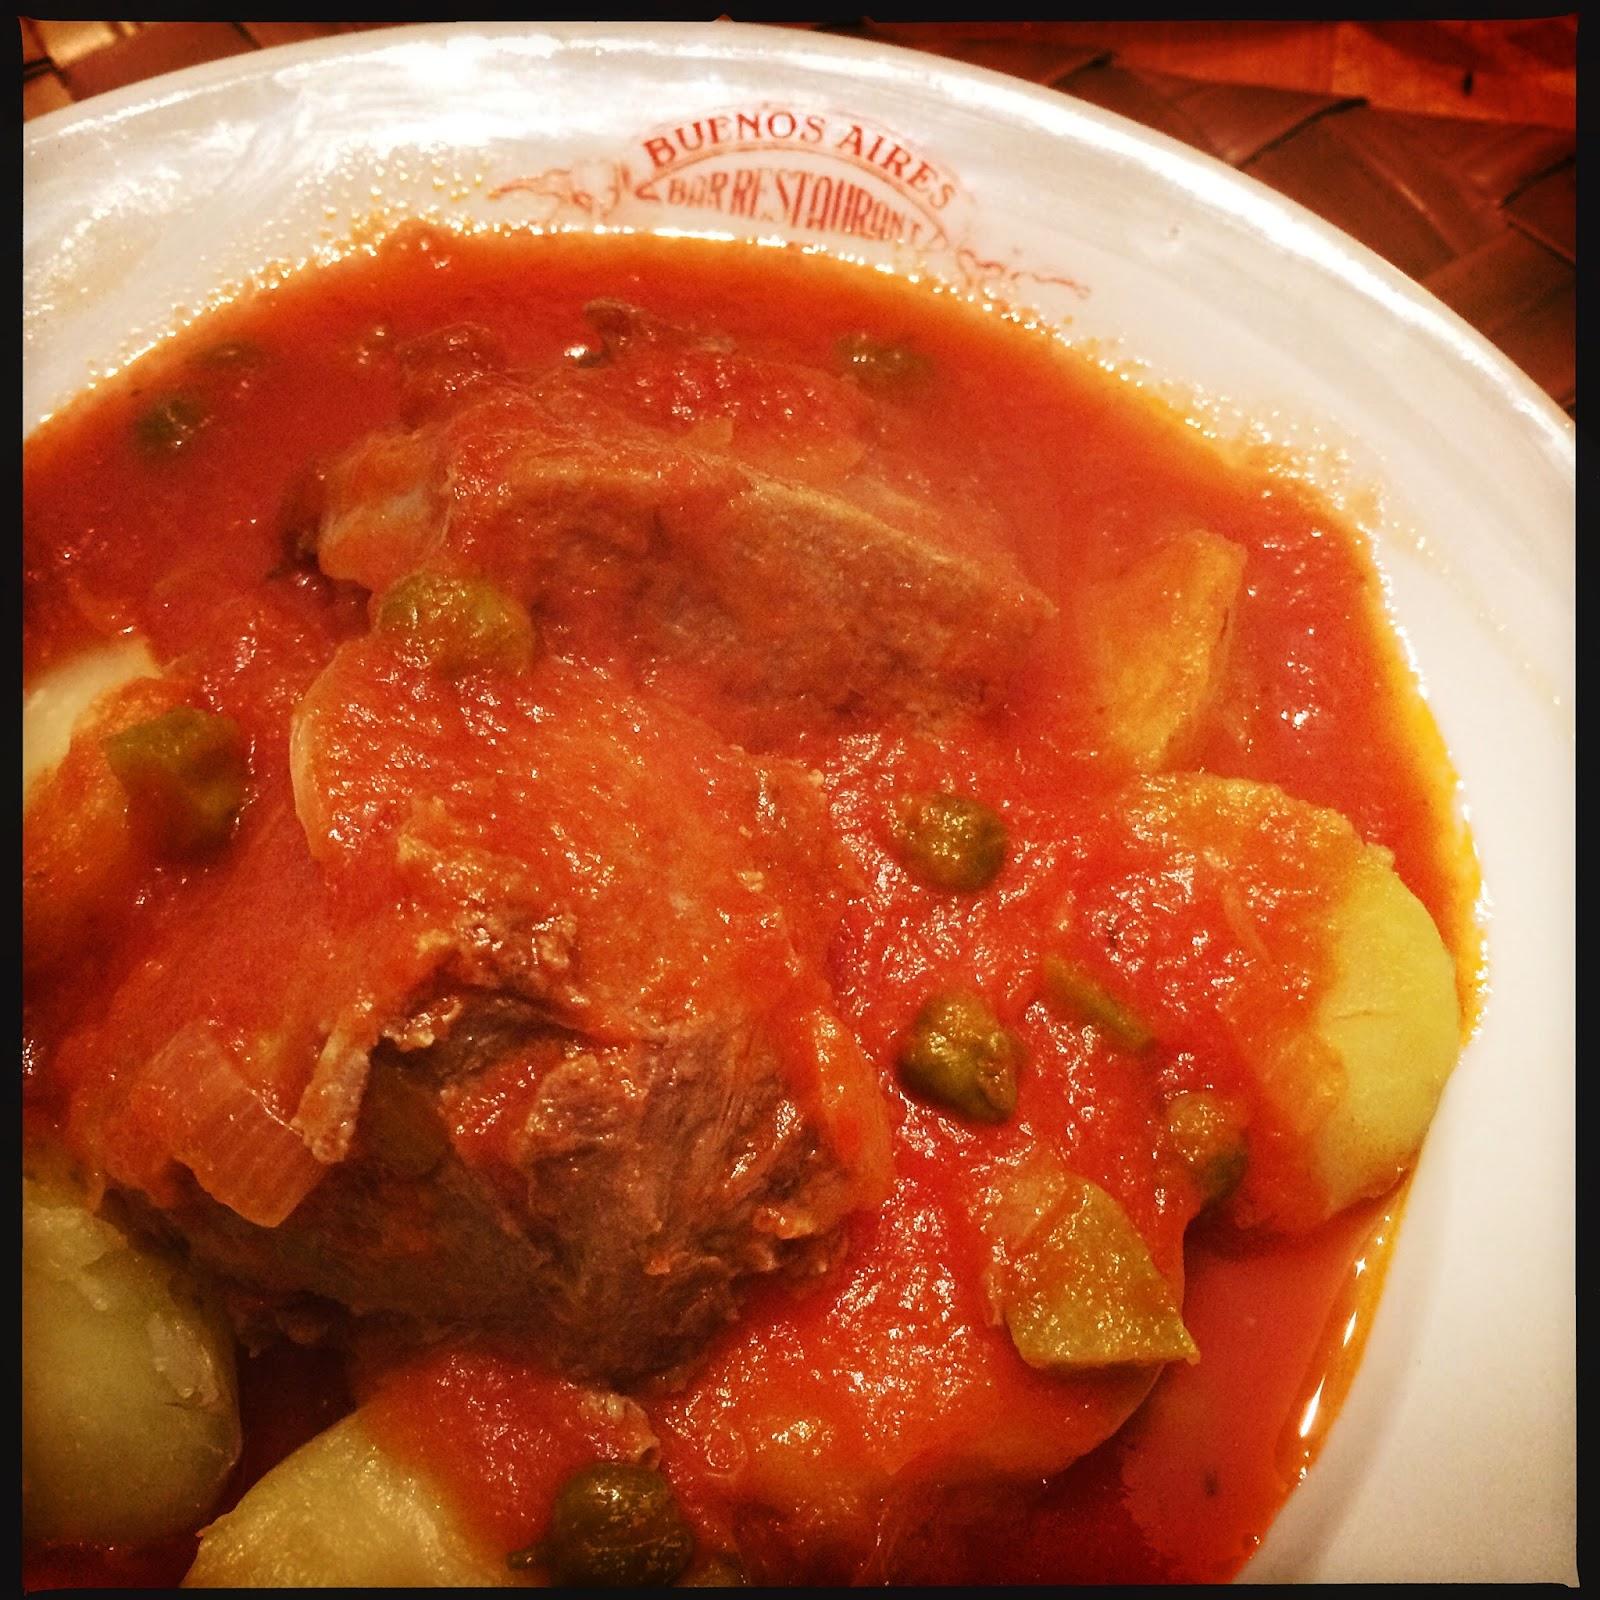 Langue sauce piquante vin du diable id es liquides - Cuisiner langue de boeuf sauce piquante ...